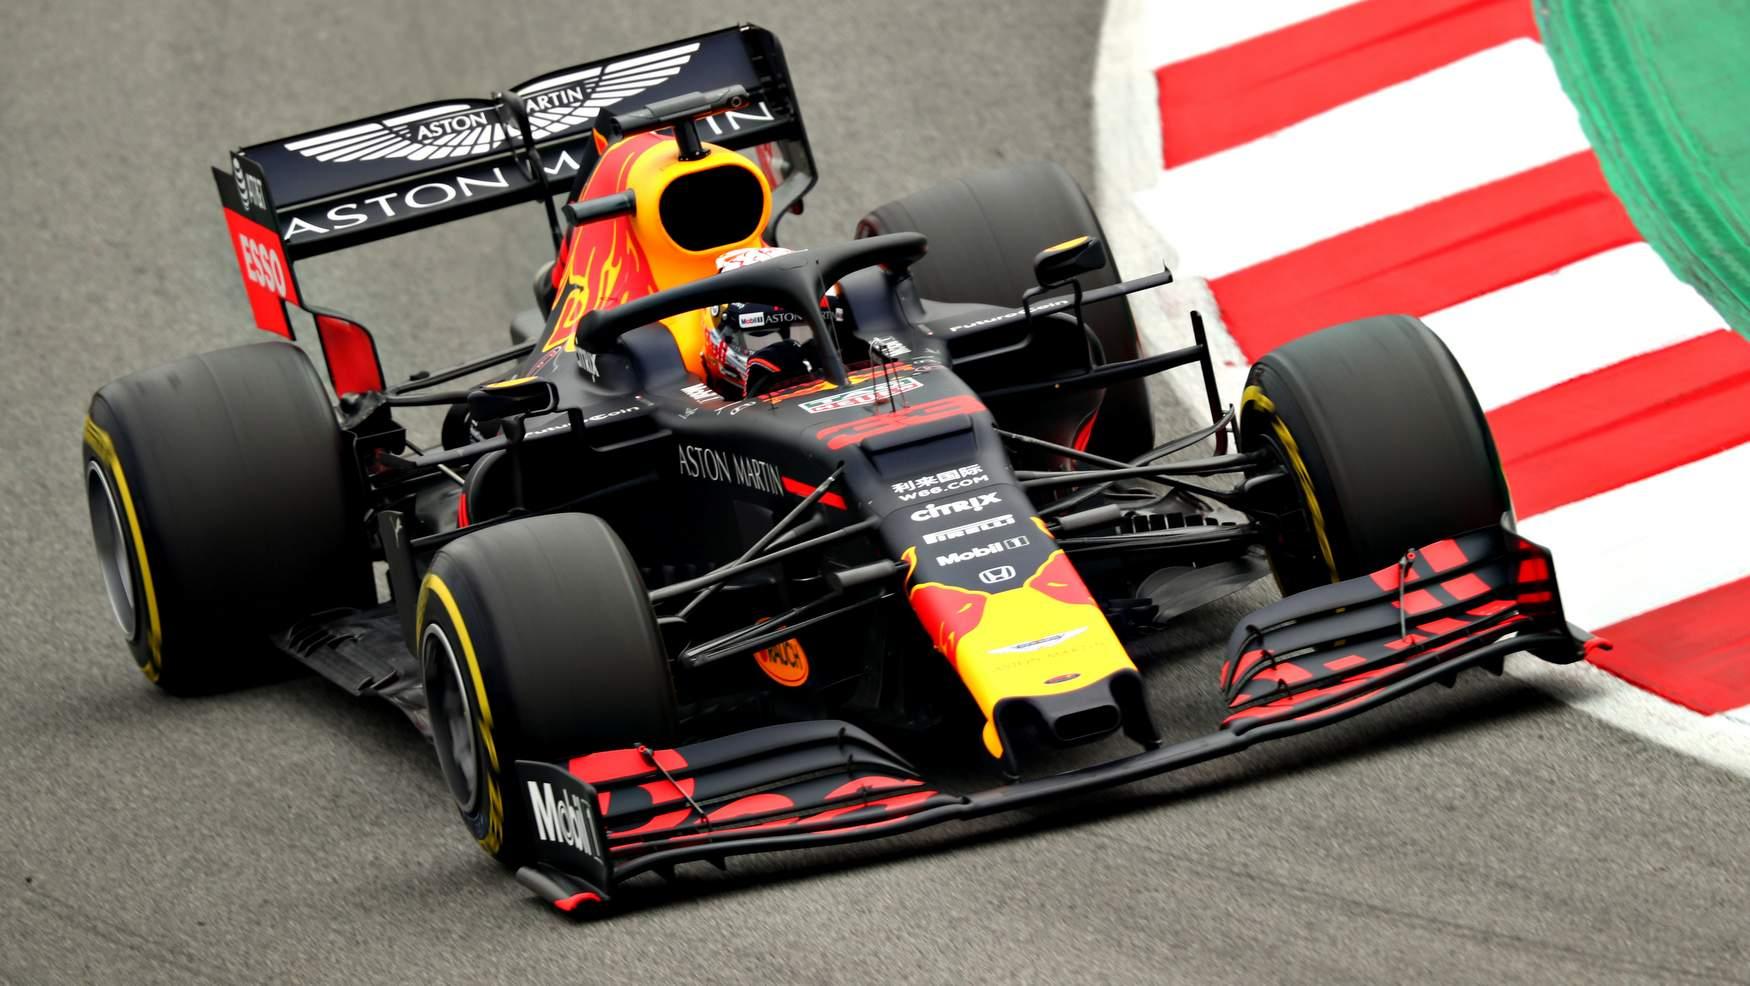 Red Bull, Marko e Albon furiosi con Lewis Hamilton - MotorBox